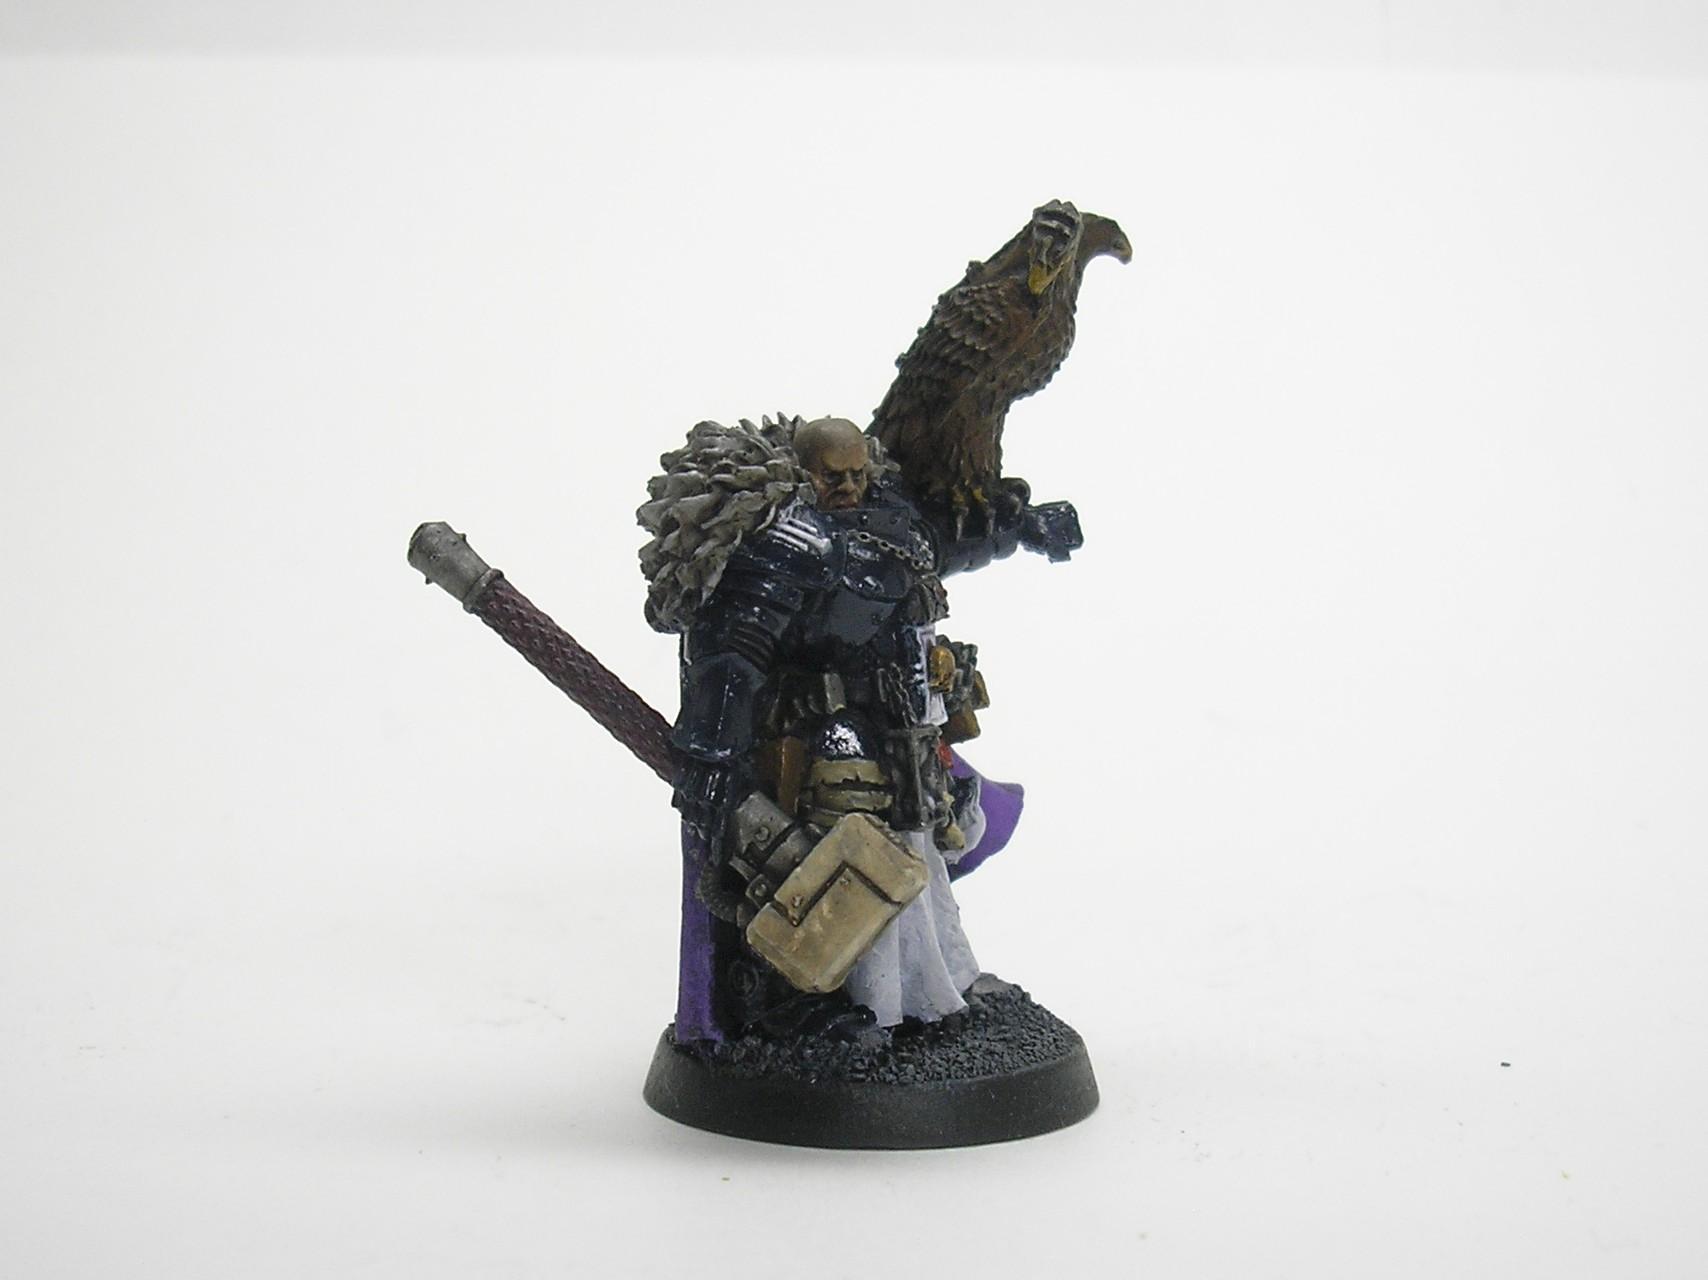 Coteaz, Inquisitor, Inquisitor Coteaz, Inquisitor Lord, Straken